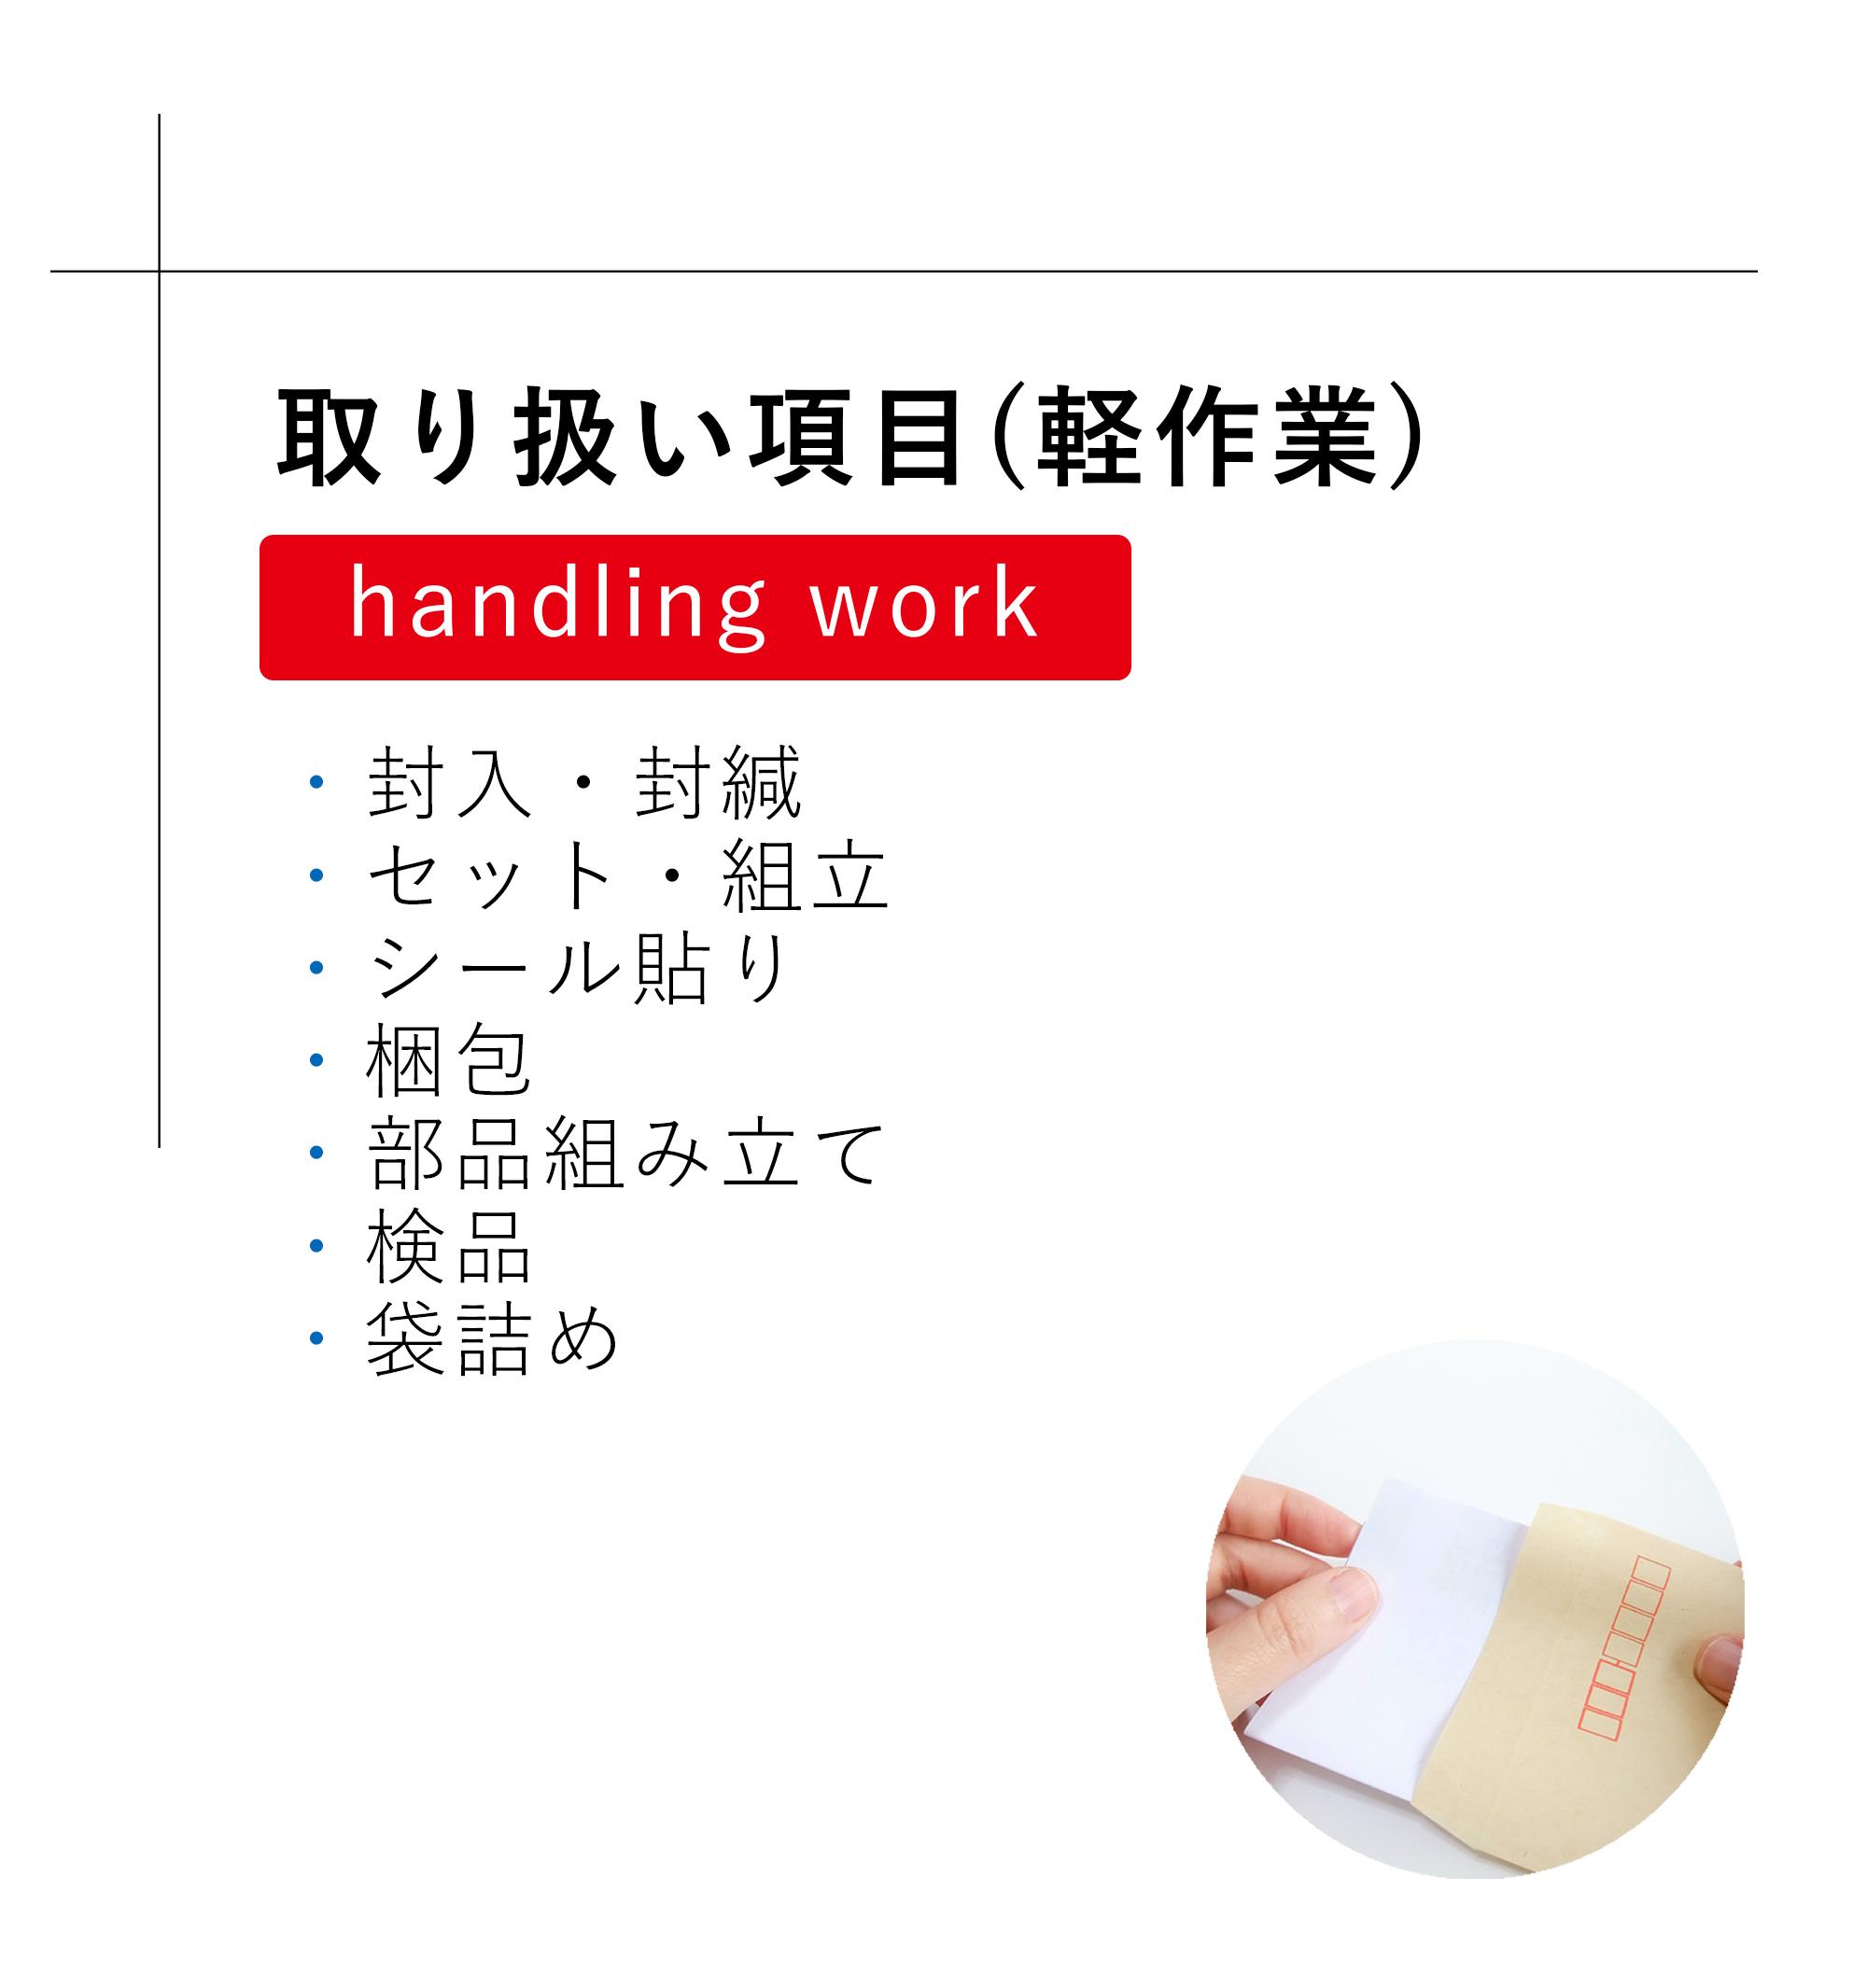 取り扱い項目(PC作業)スマートフォン用